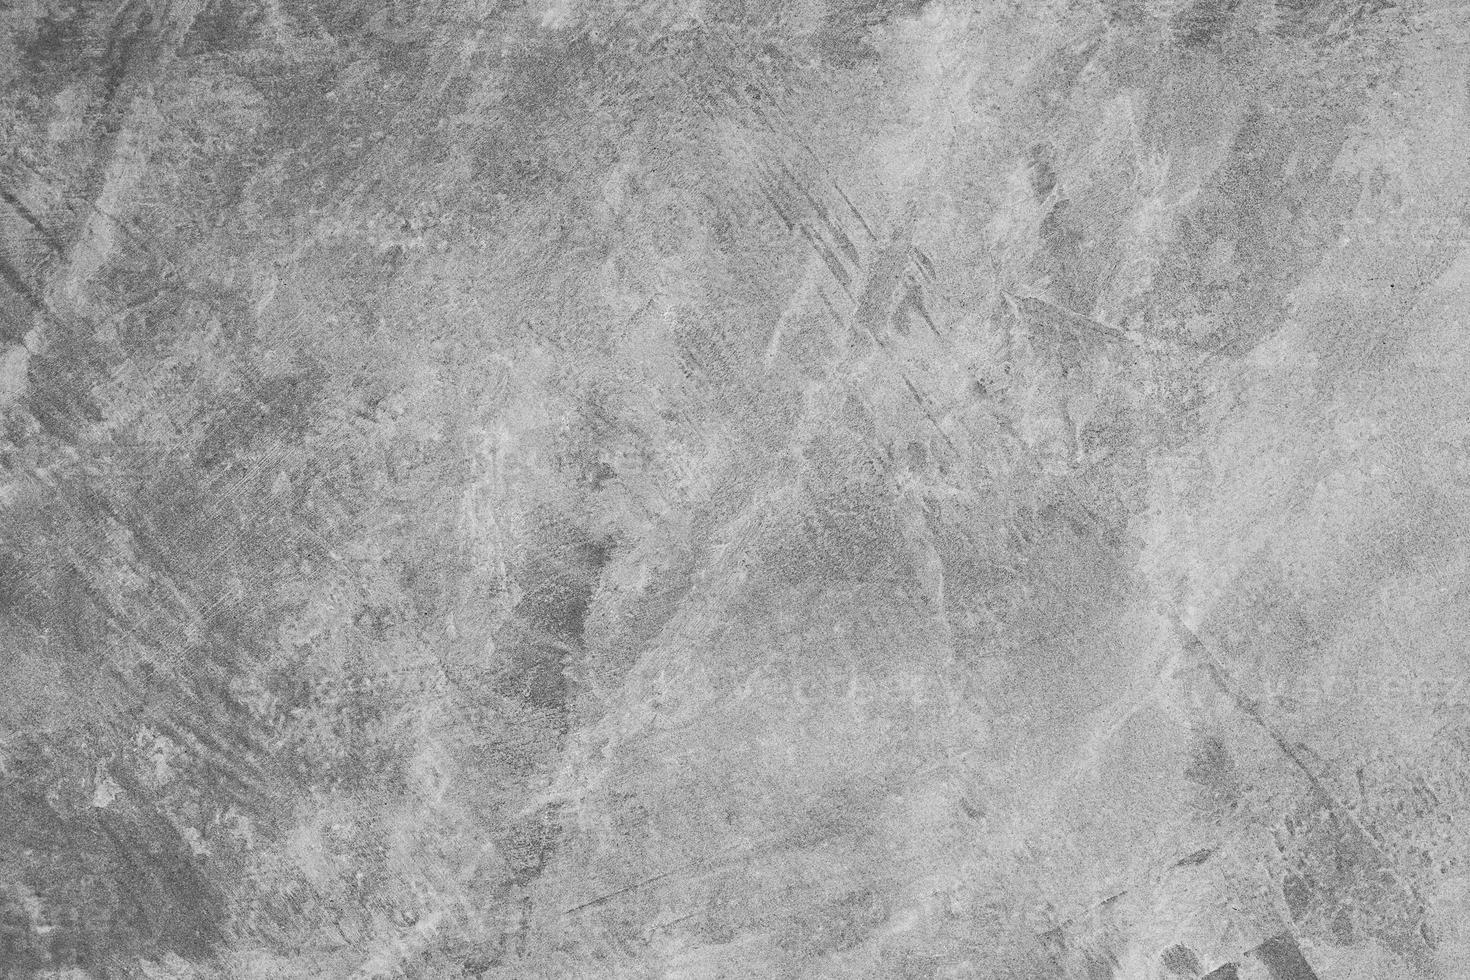 conception sur mur de ciment et béton pour motif photo